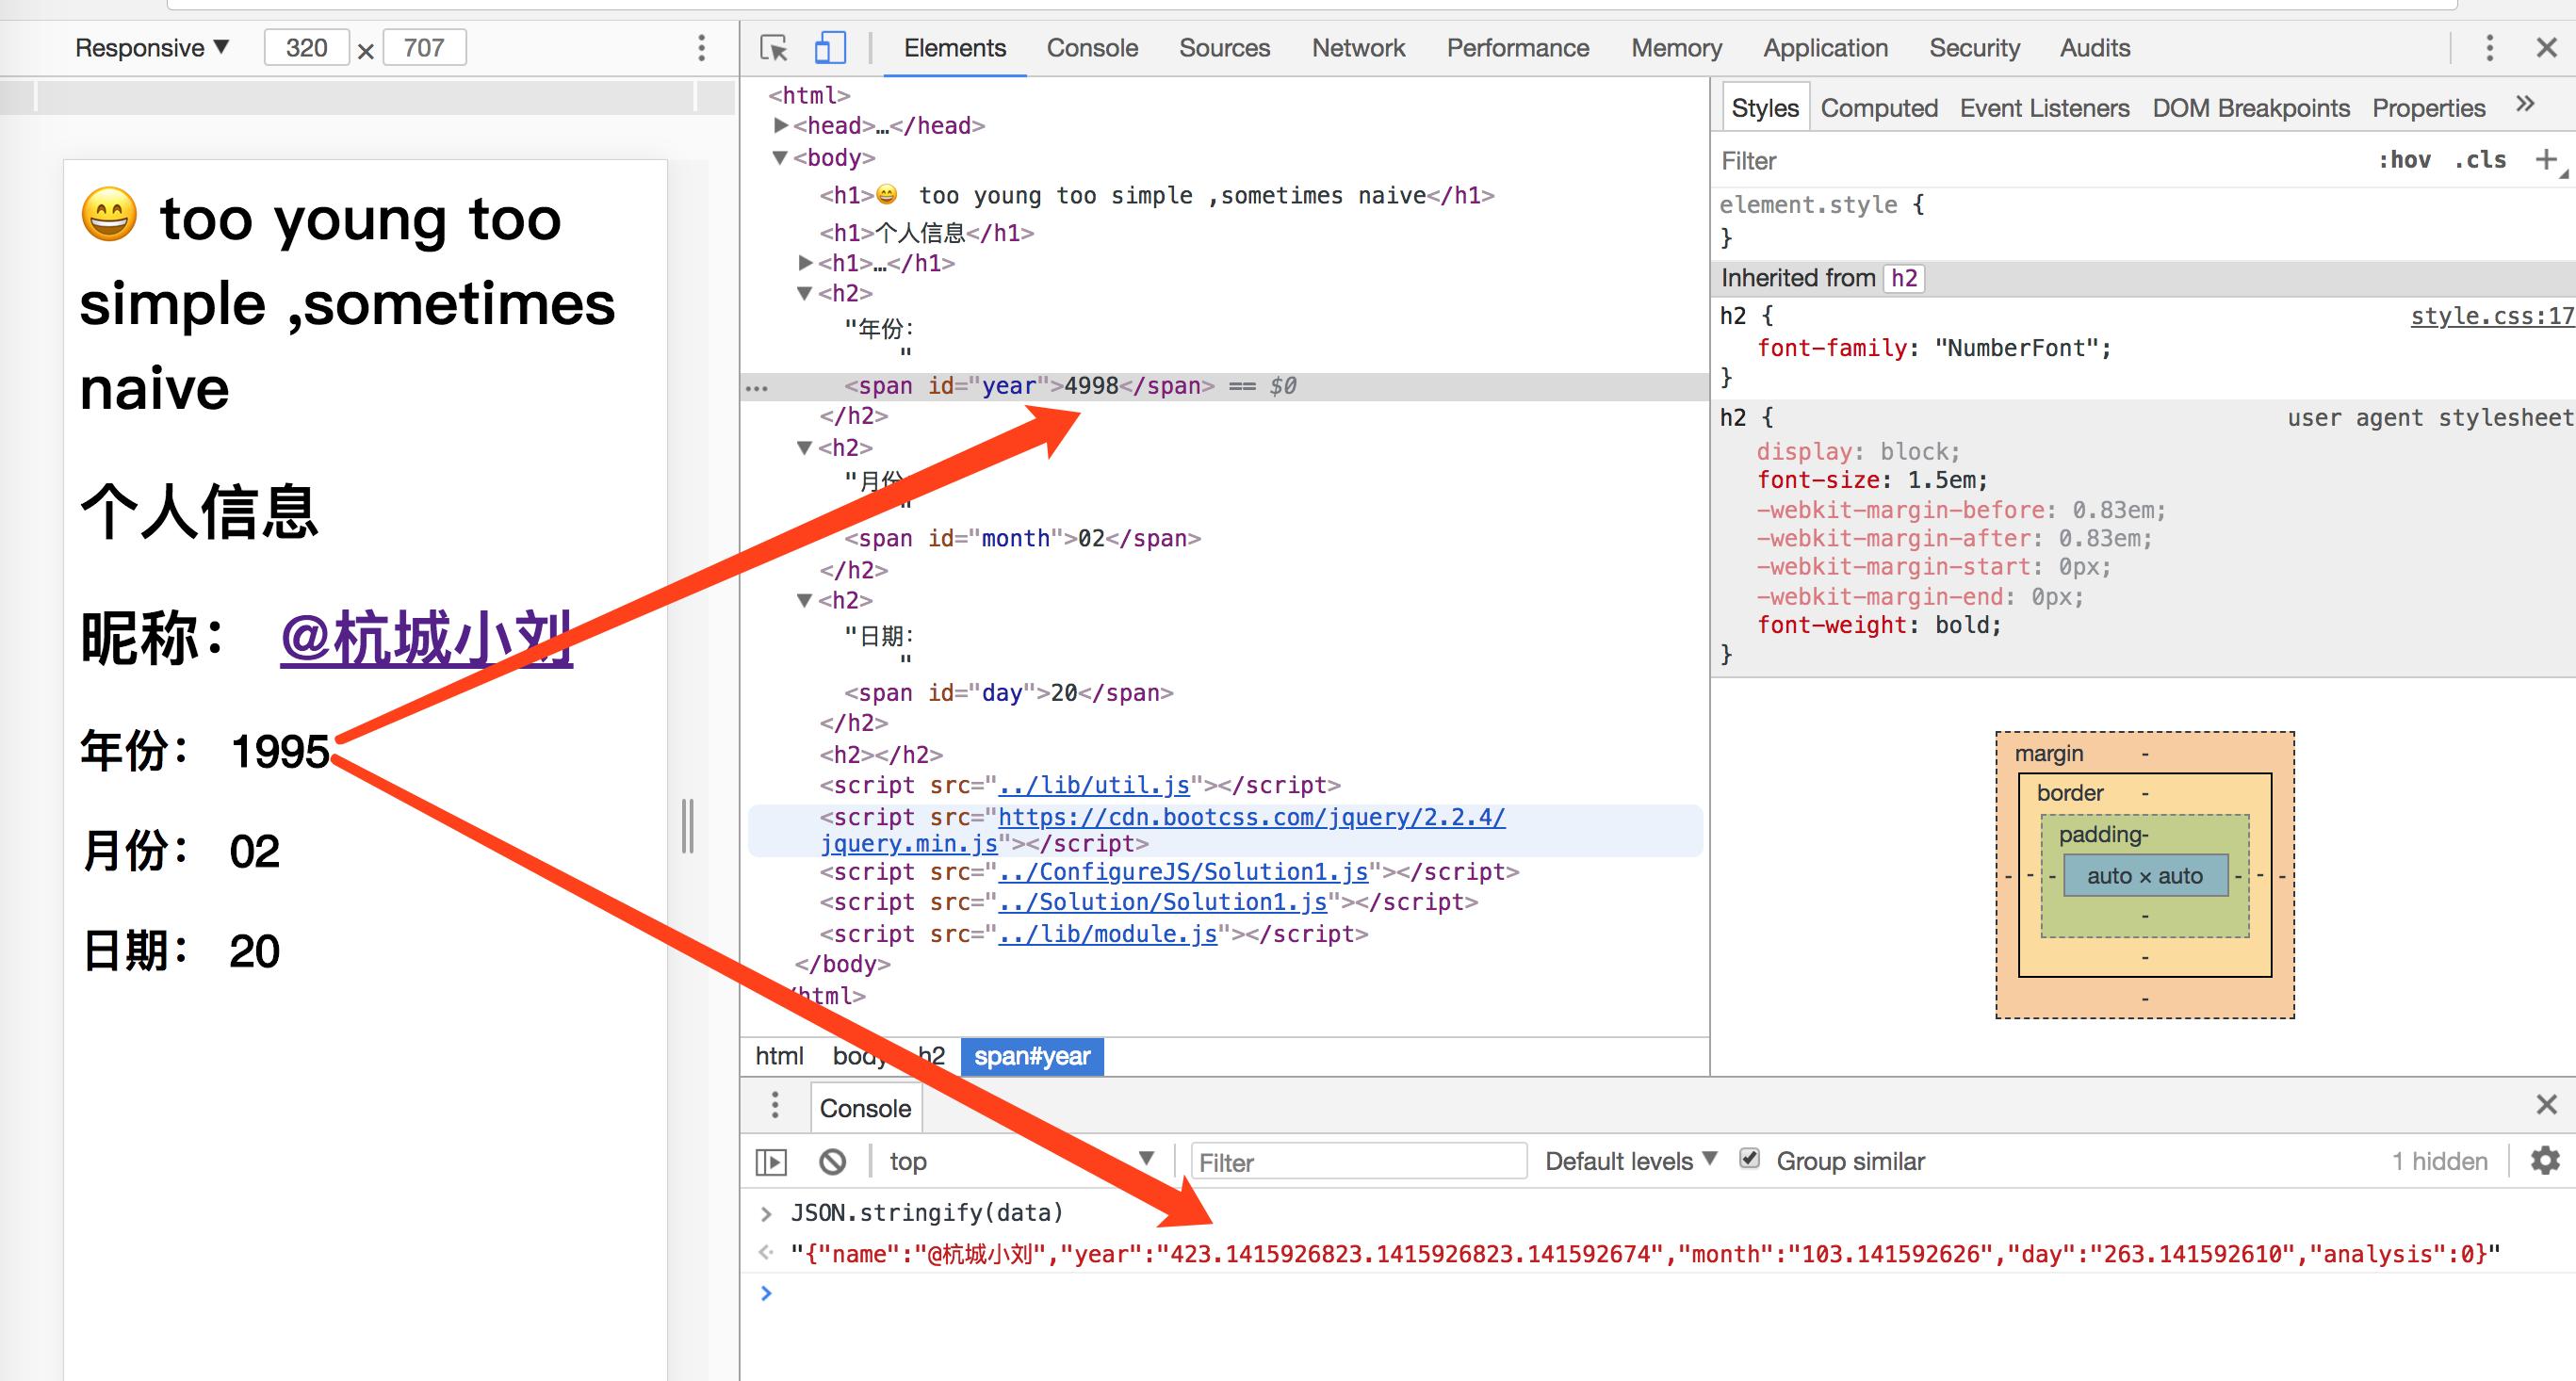 数字反爬-网页显示效果、审查元素、接口结果情况1